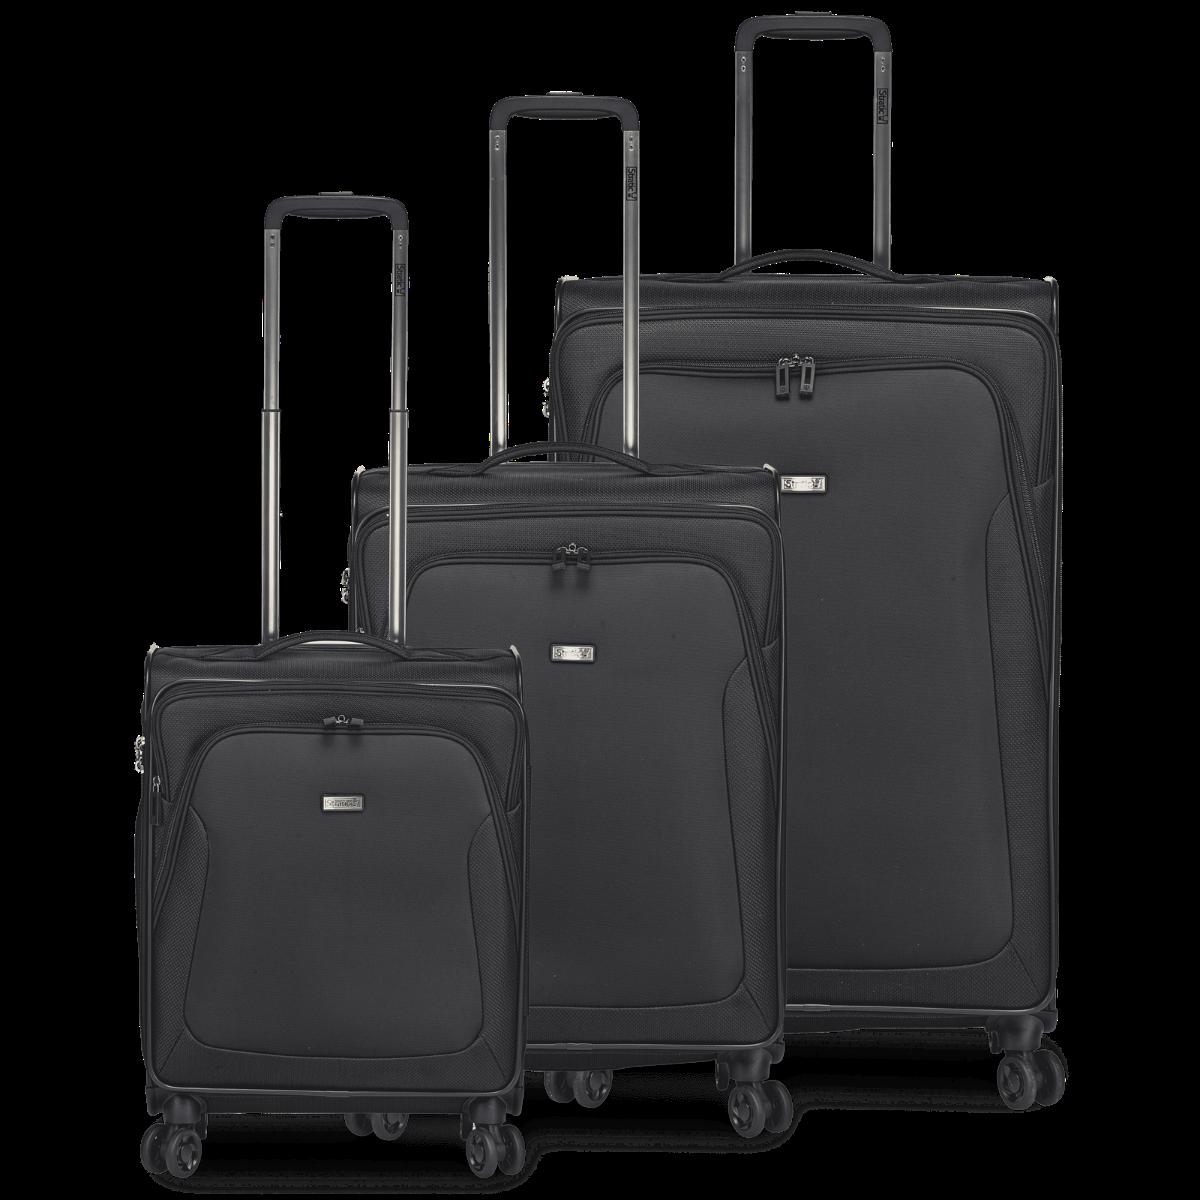 3-tlg. Weichschalen-Koffer-Set mit 4 Rollen, Trapez - Black